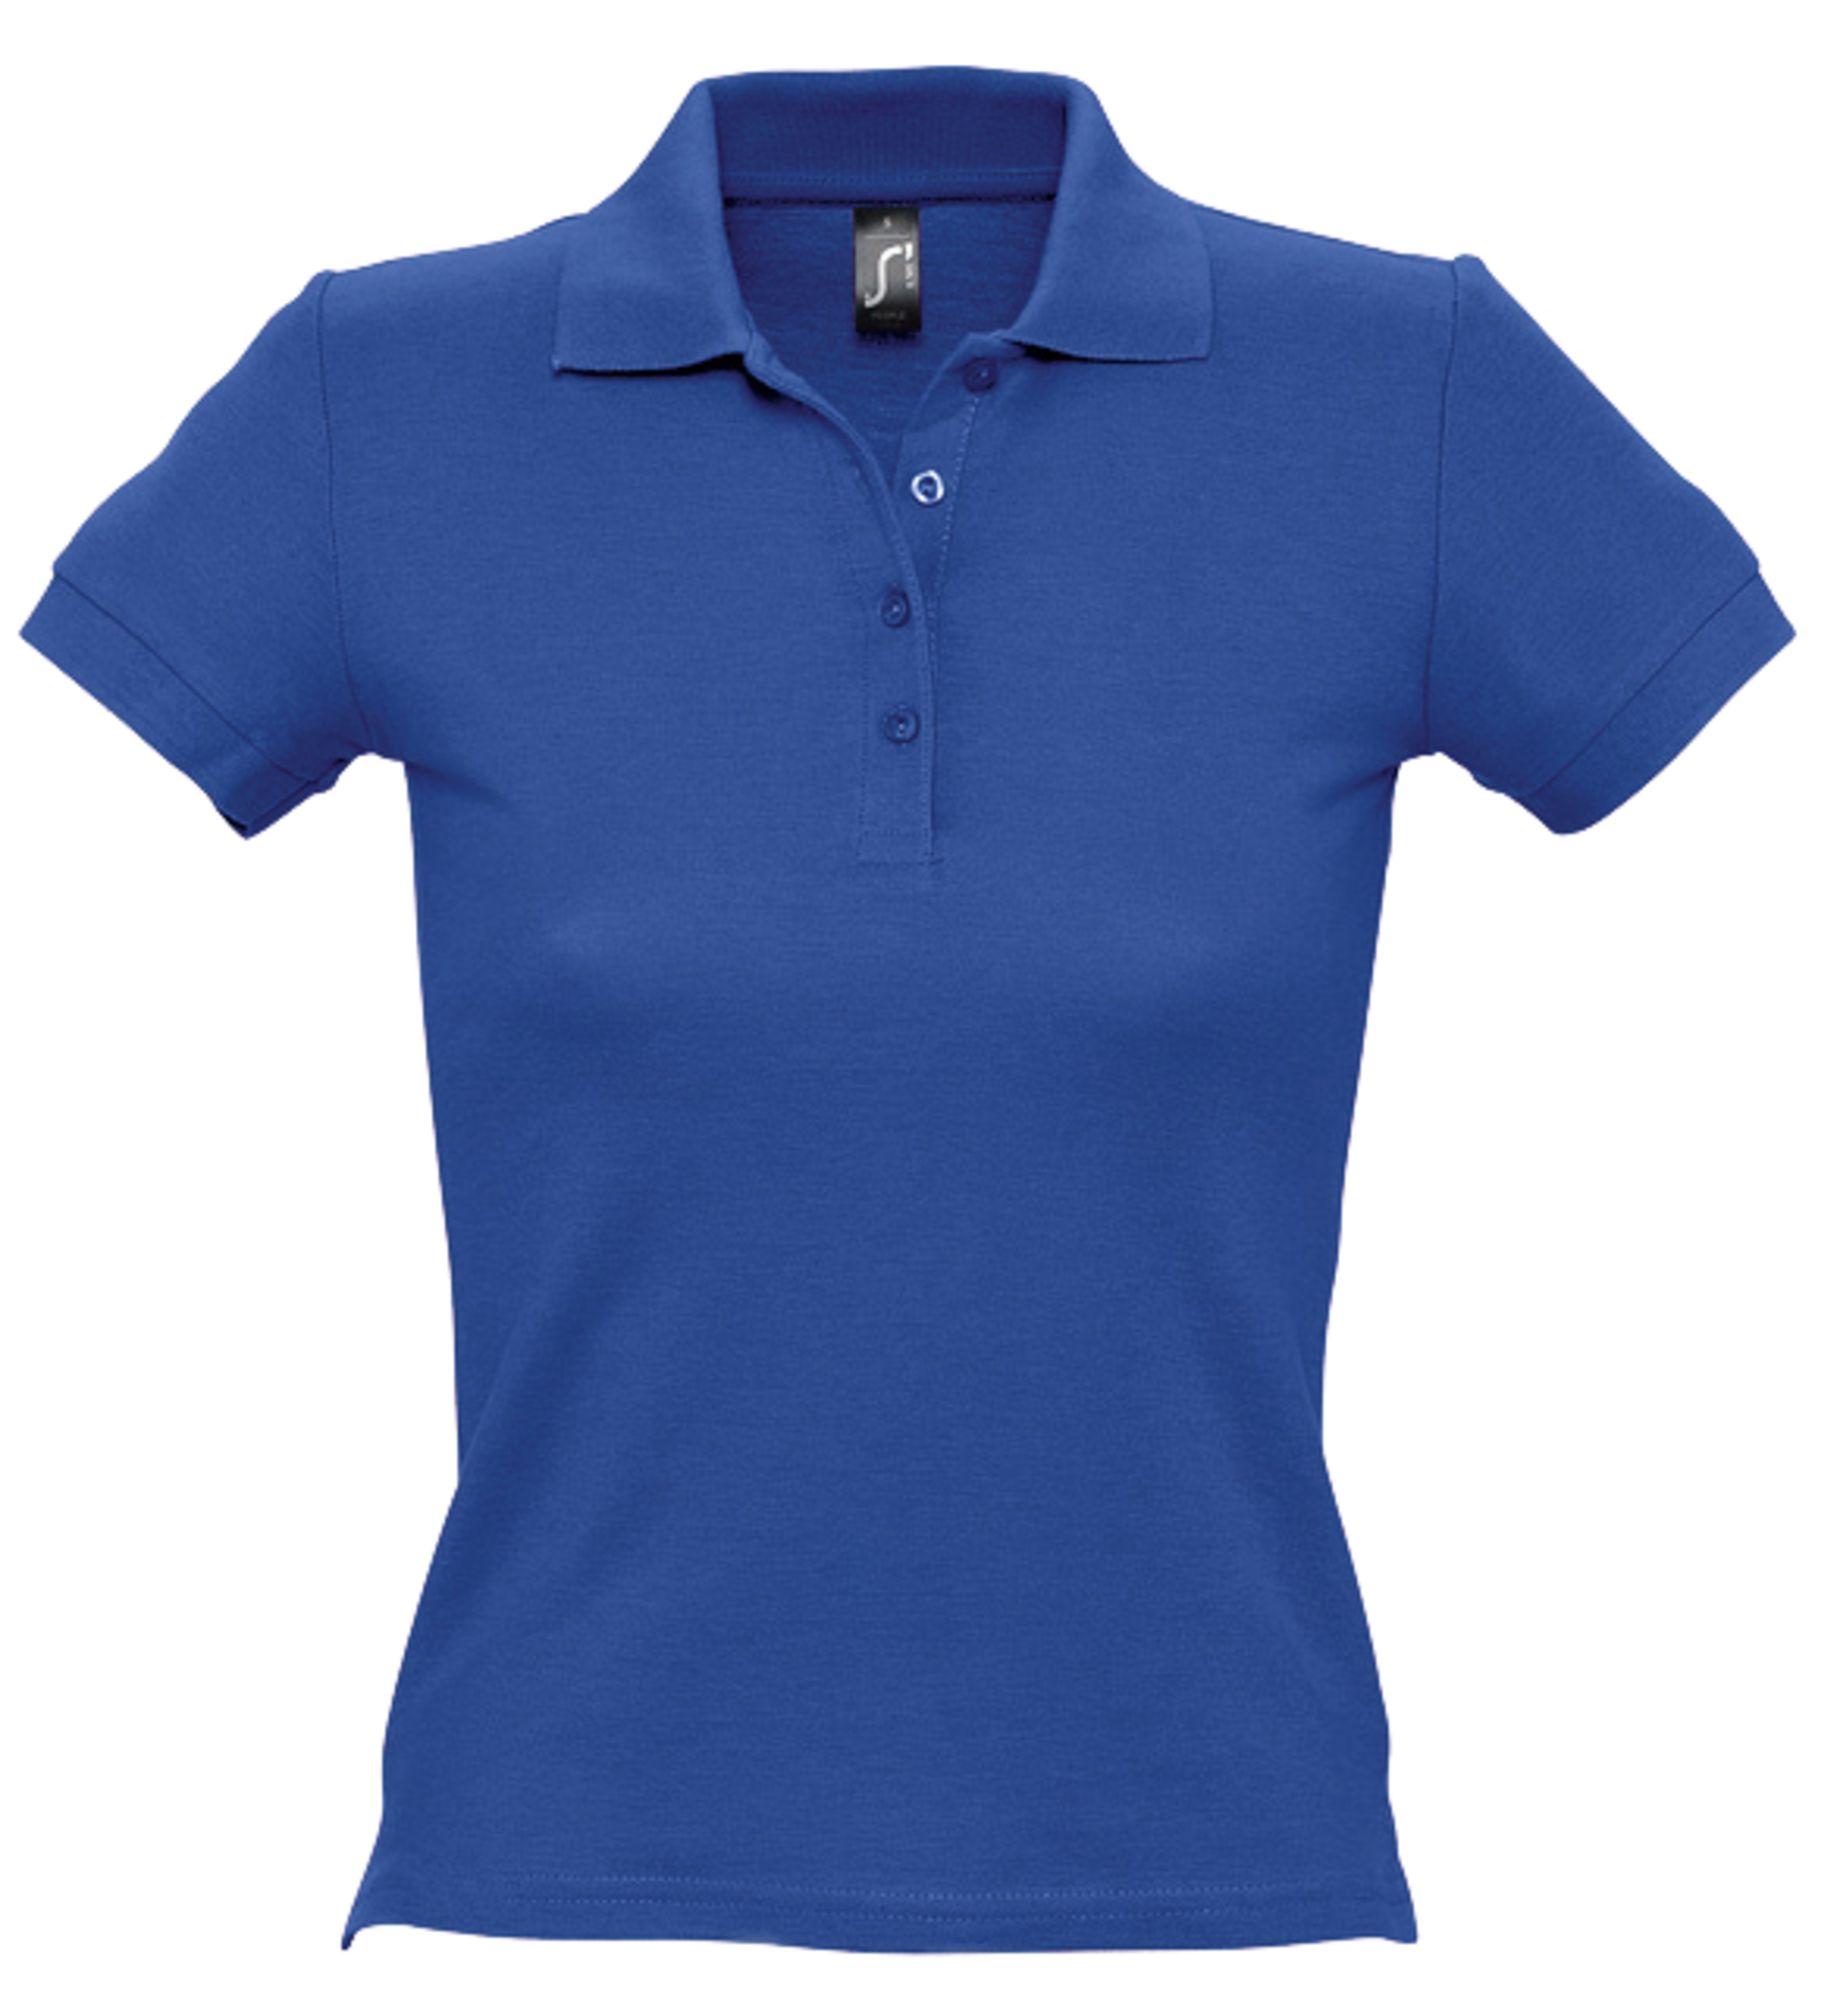 Рубашка поло женская PEOPLE 210, ярко-синяя (royal)